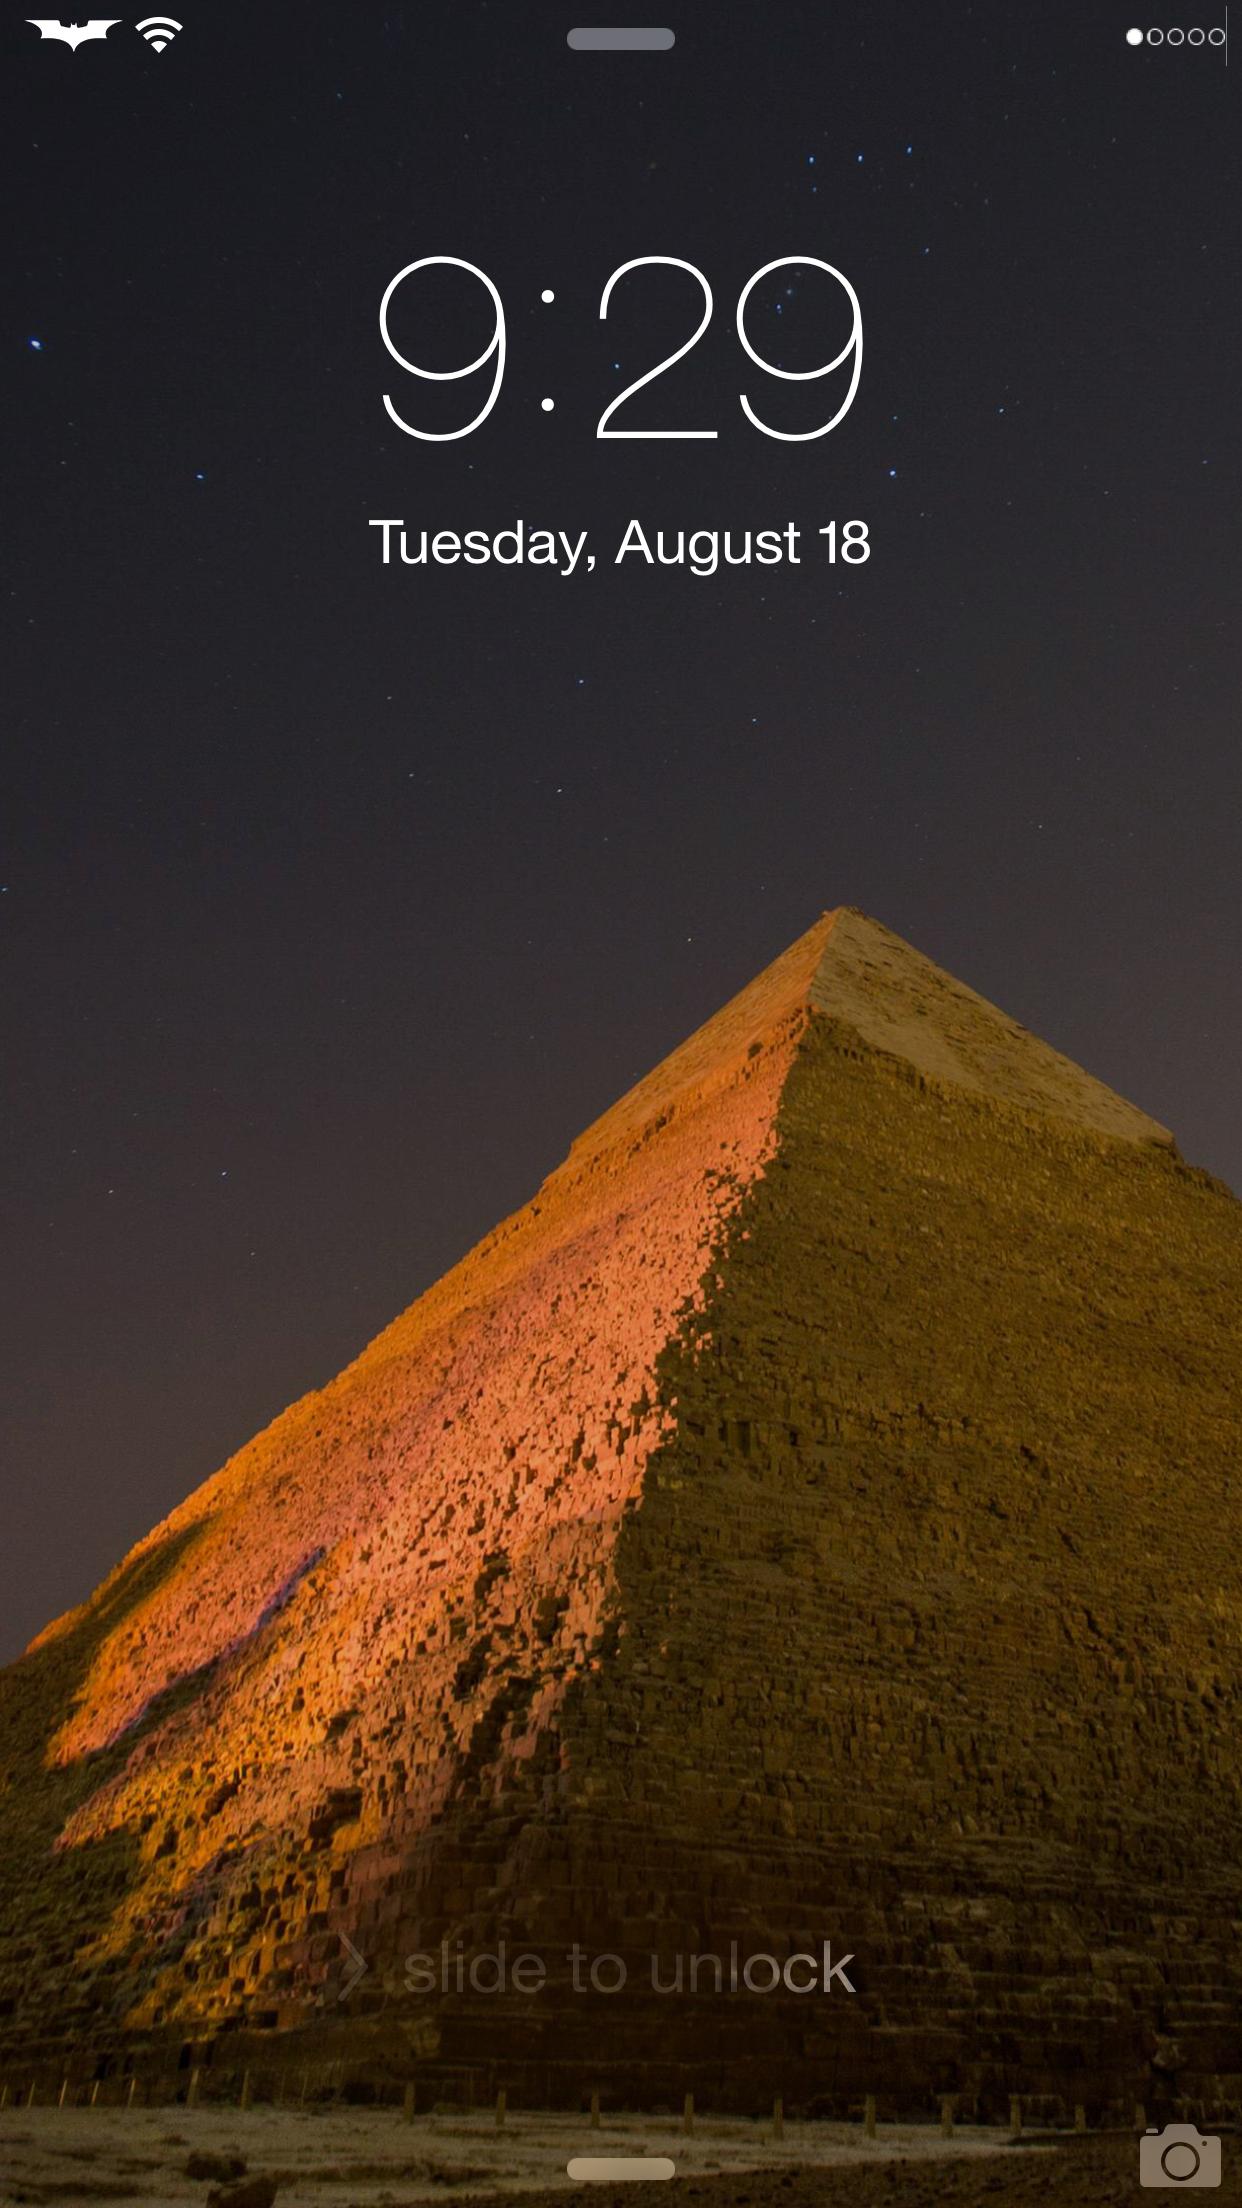 hình nền android 6 trên iphone 6 plus